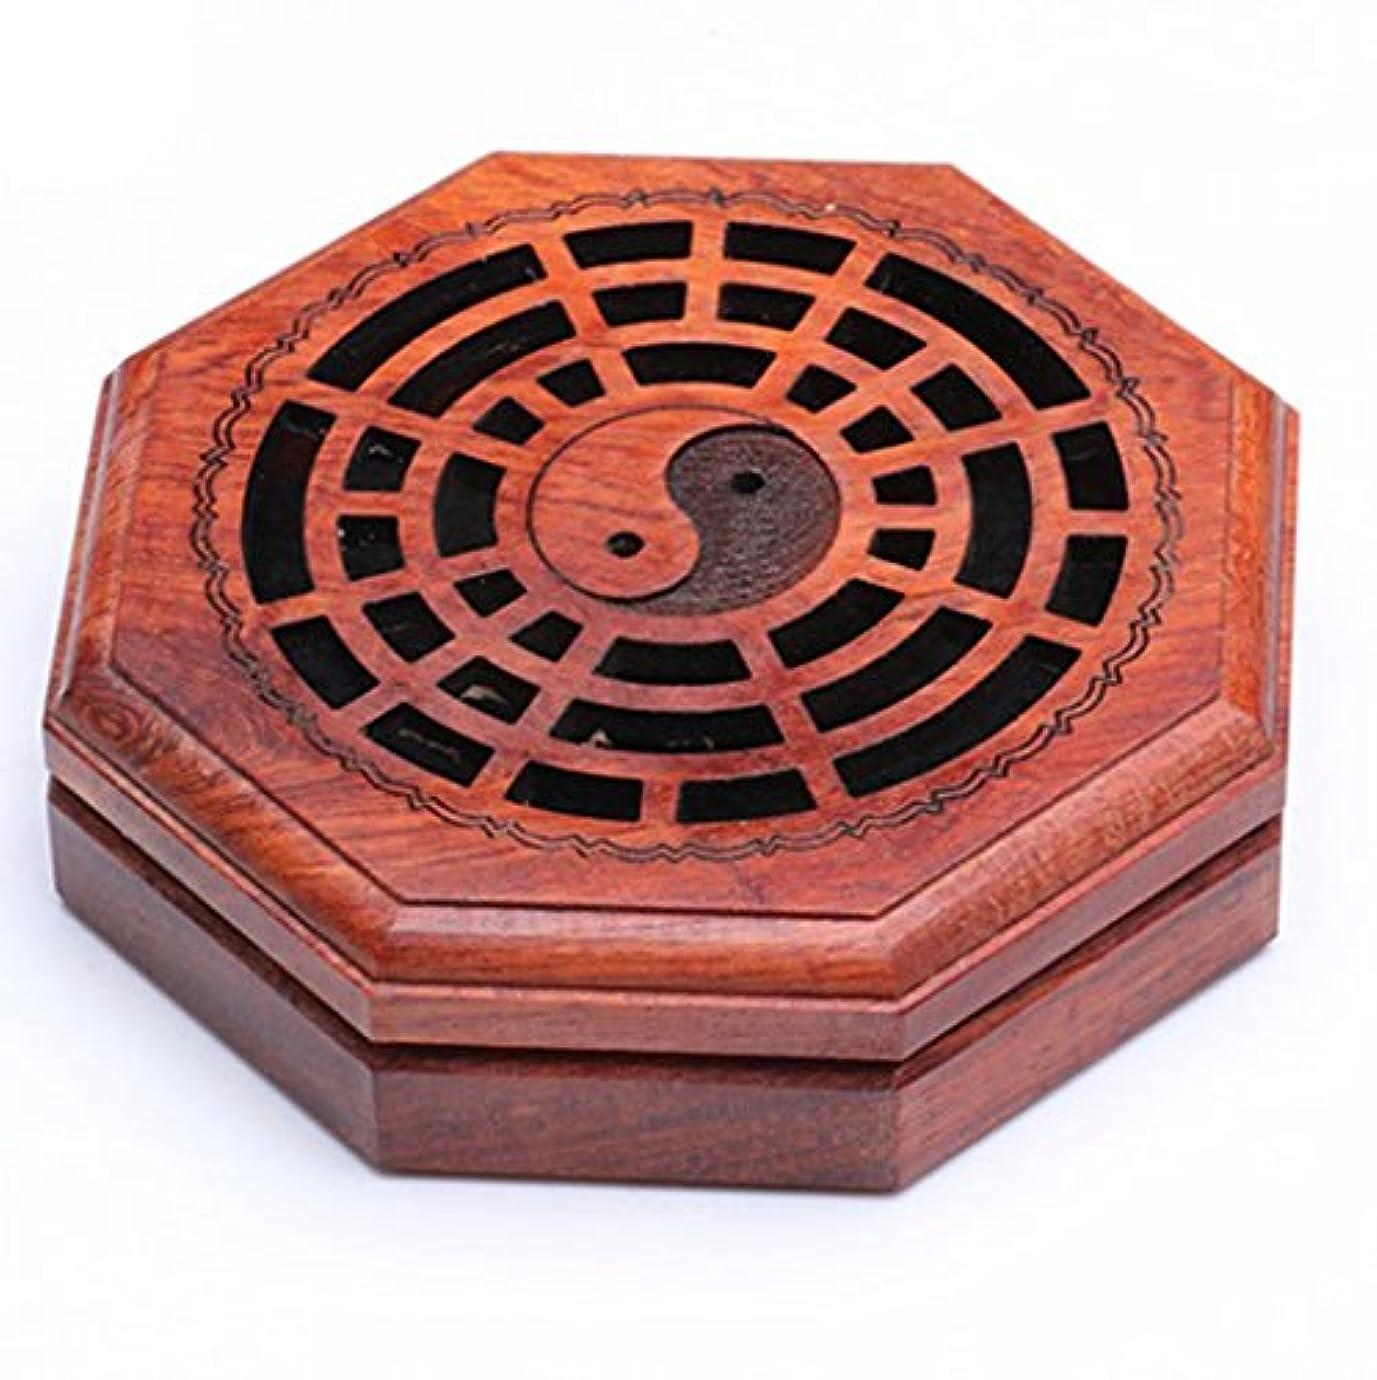 放置伸ばす嬉しいです(ラシューバー) Lasuiveur 香炉 線香立て 香立て 職人さんの手作り 茶道用品 おしゃれ  木製 透かし彫り